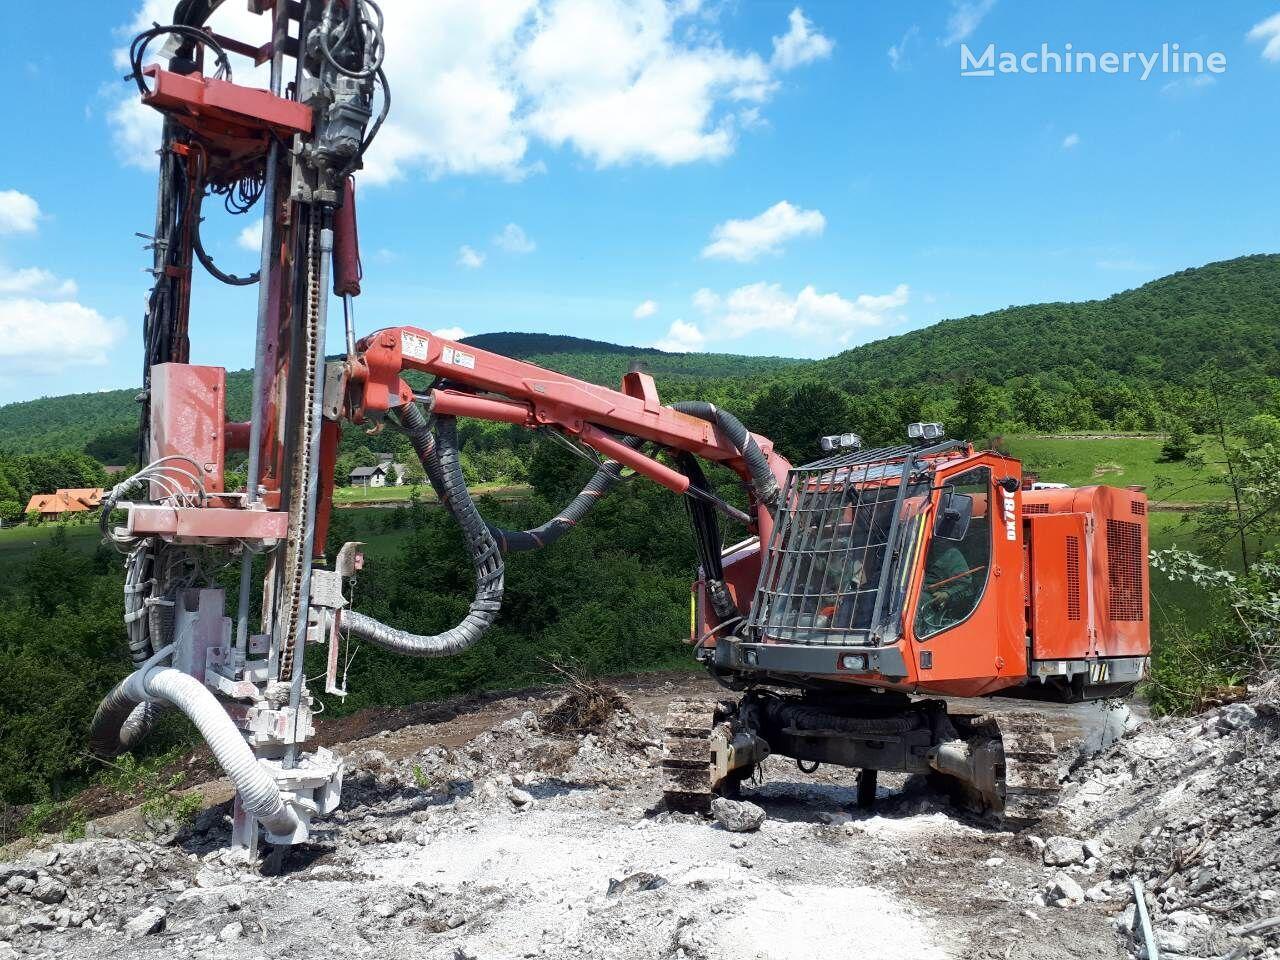 SANDVIK DX780 drilling rig